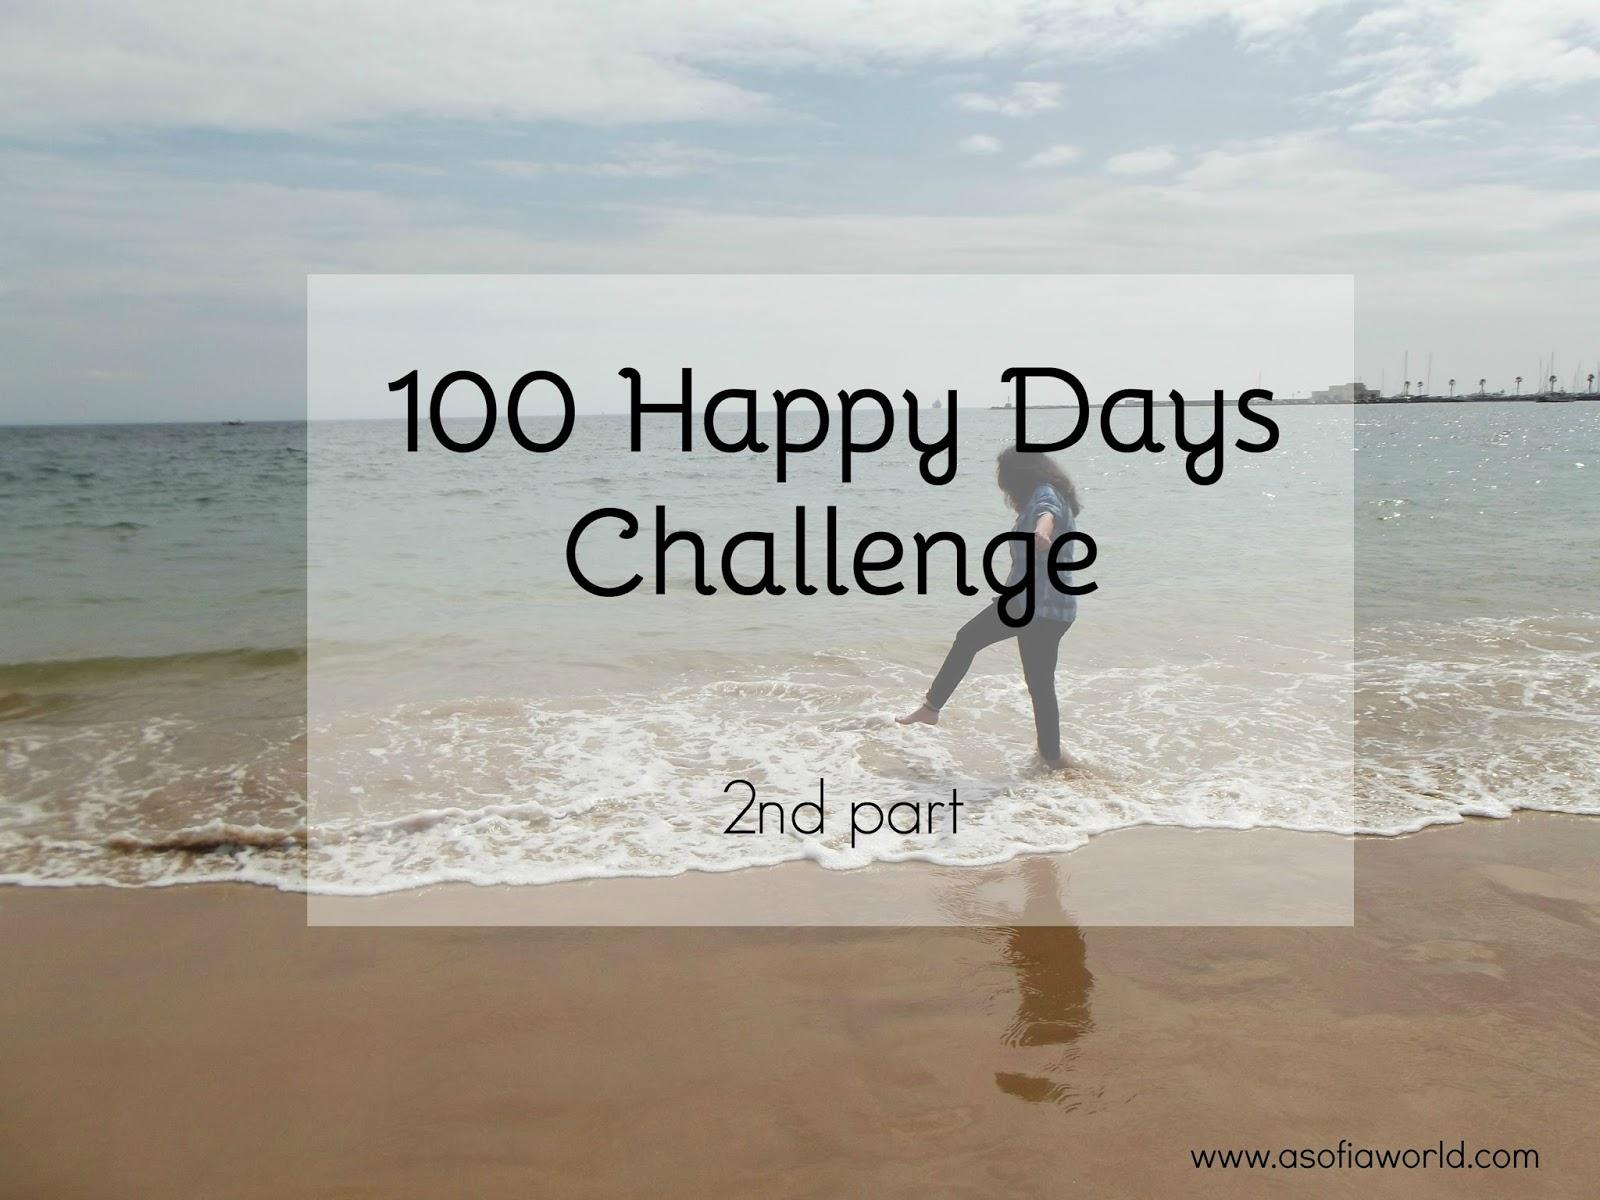 100 Happy Days 2nd part